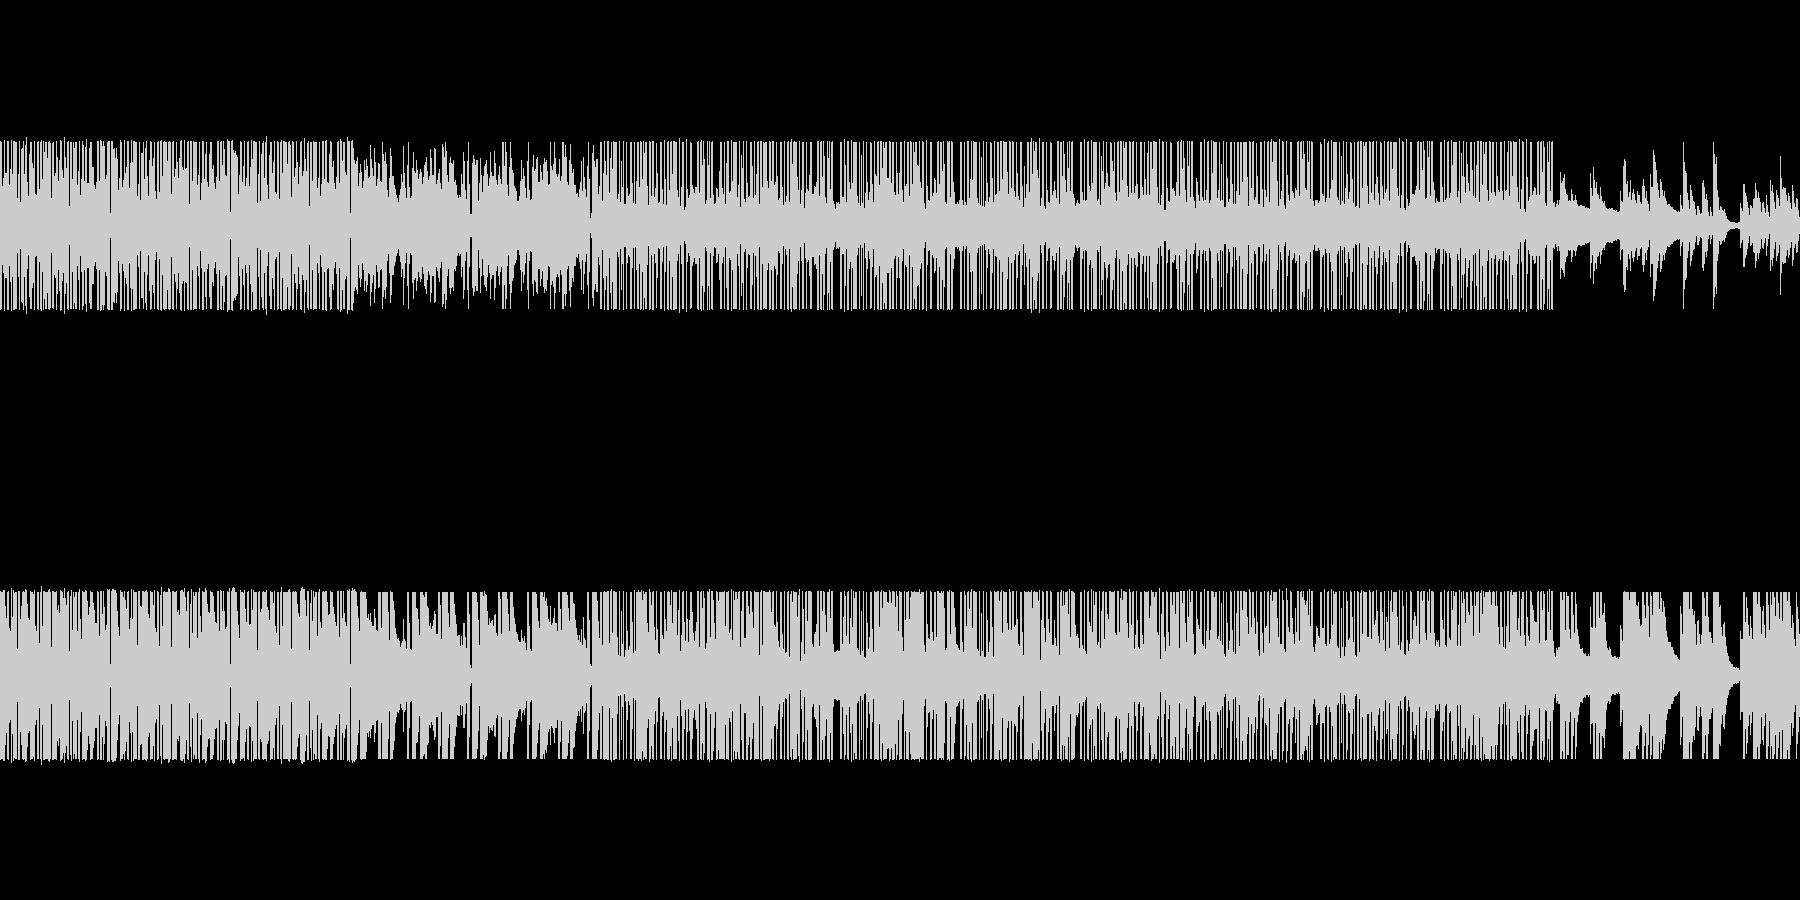 lofi_hiphop風のBGMの未再生の波形